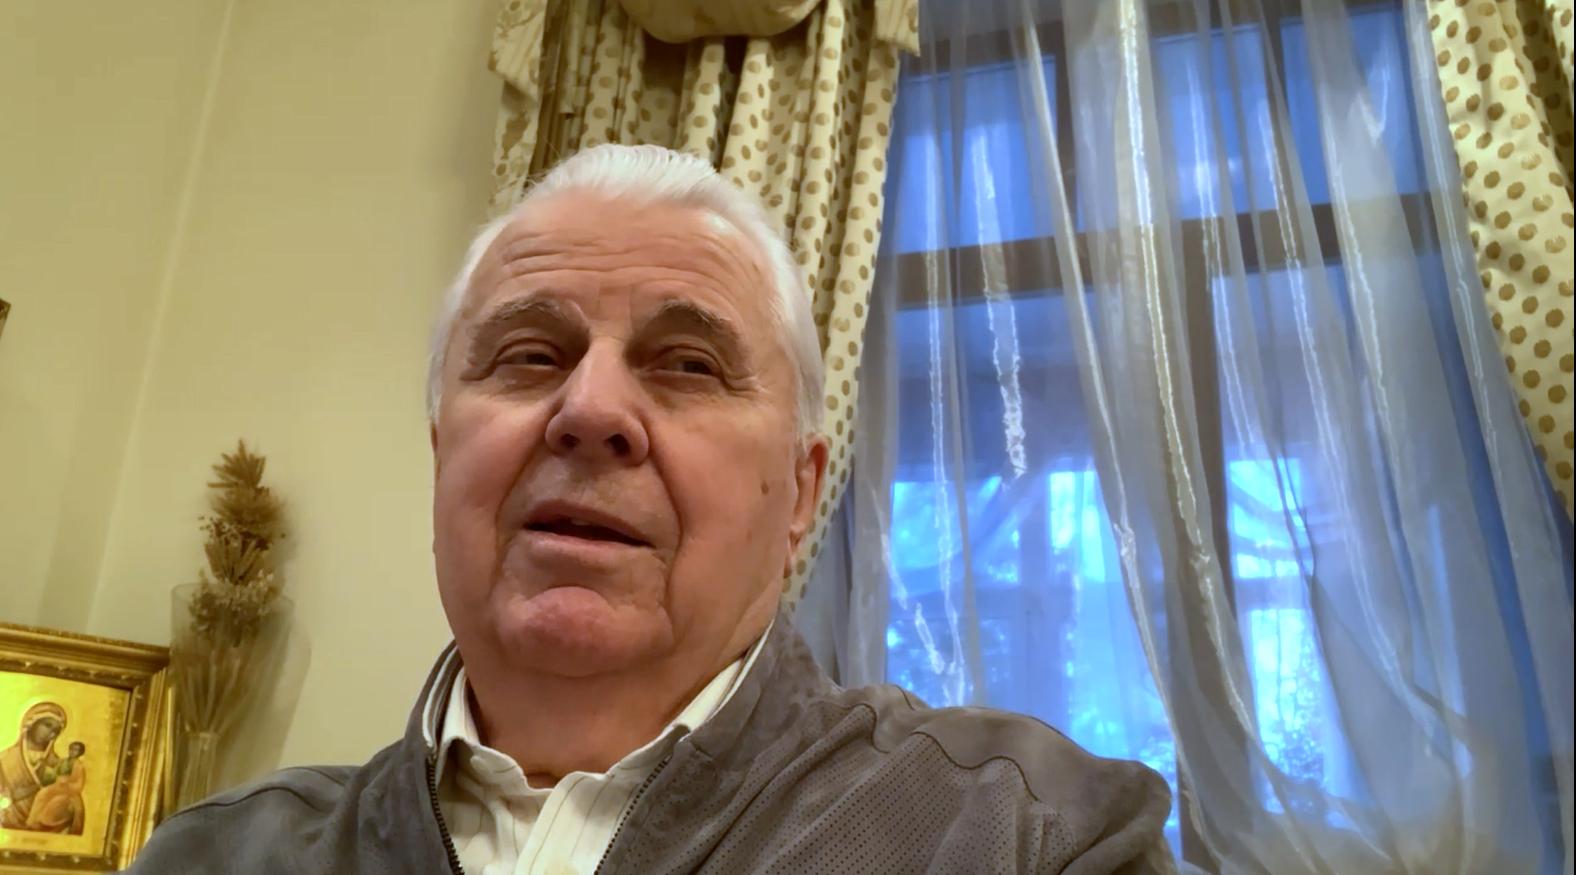 «Вы знаете, я бы хотел»: Экс-президент Украины Кравчук выразил желание увидеть российский Крым